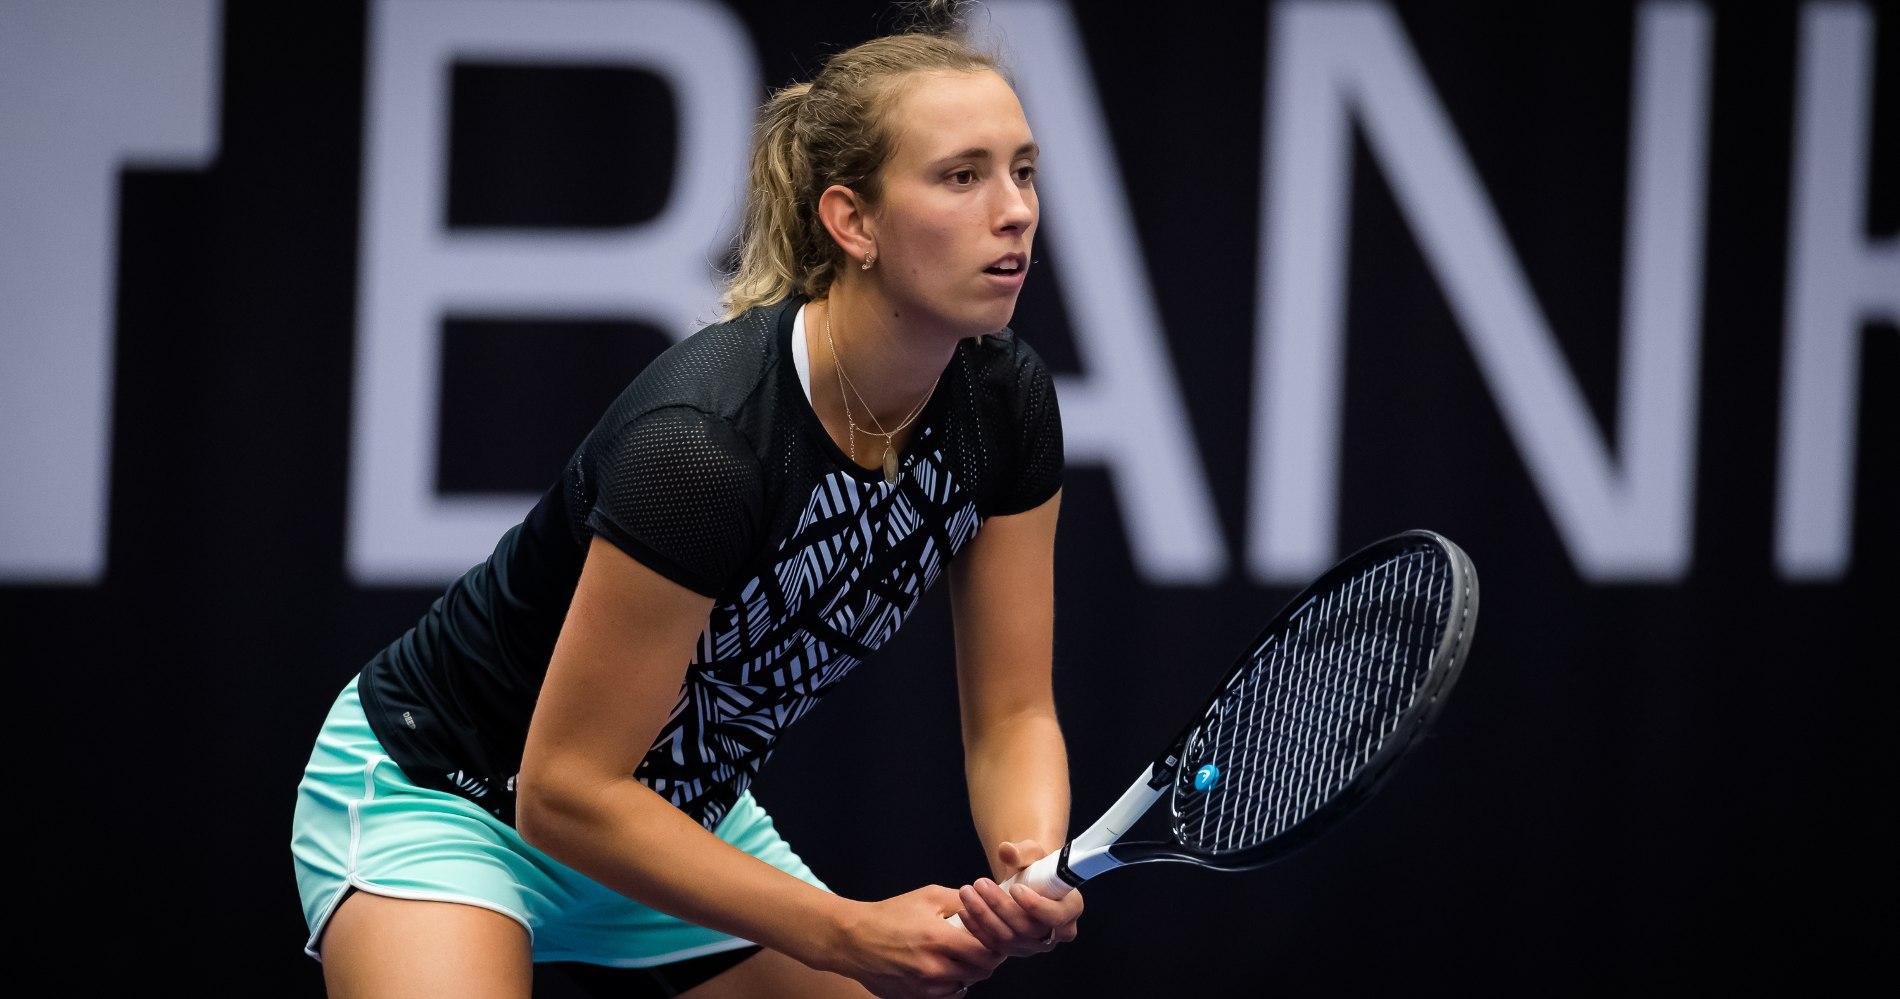 Elise Mertens, Ostrava 2020